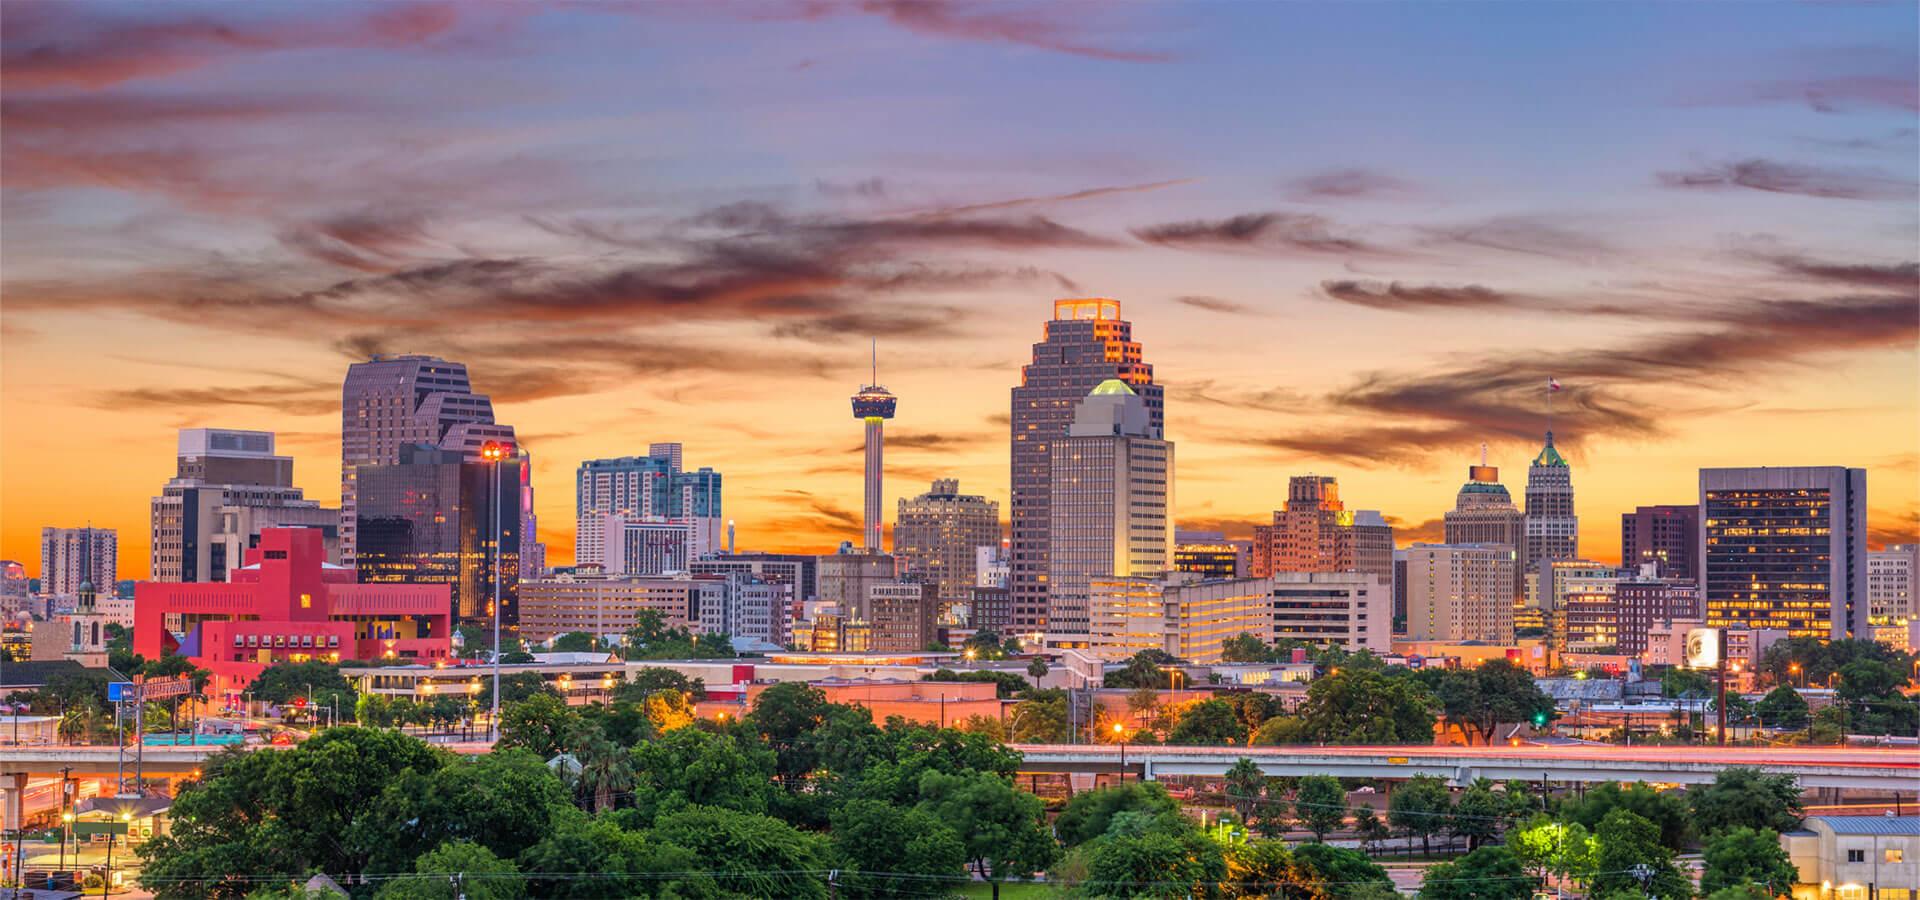 San Antonio, Texas Night time